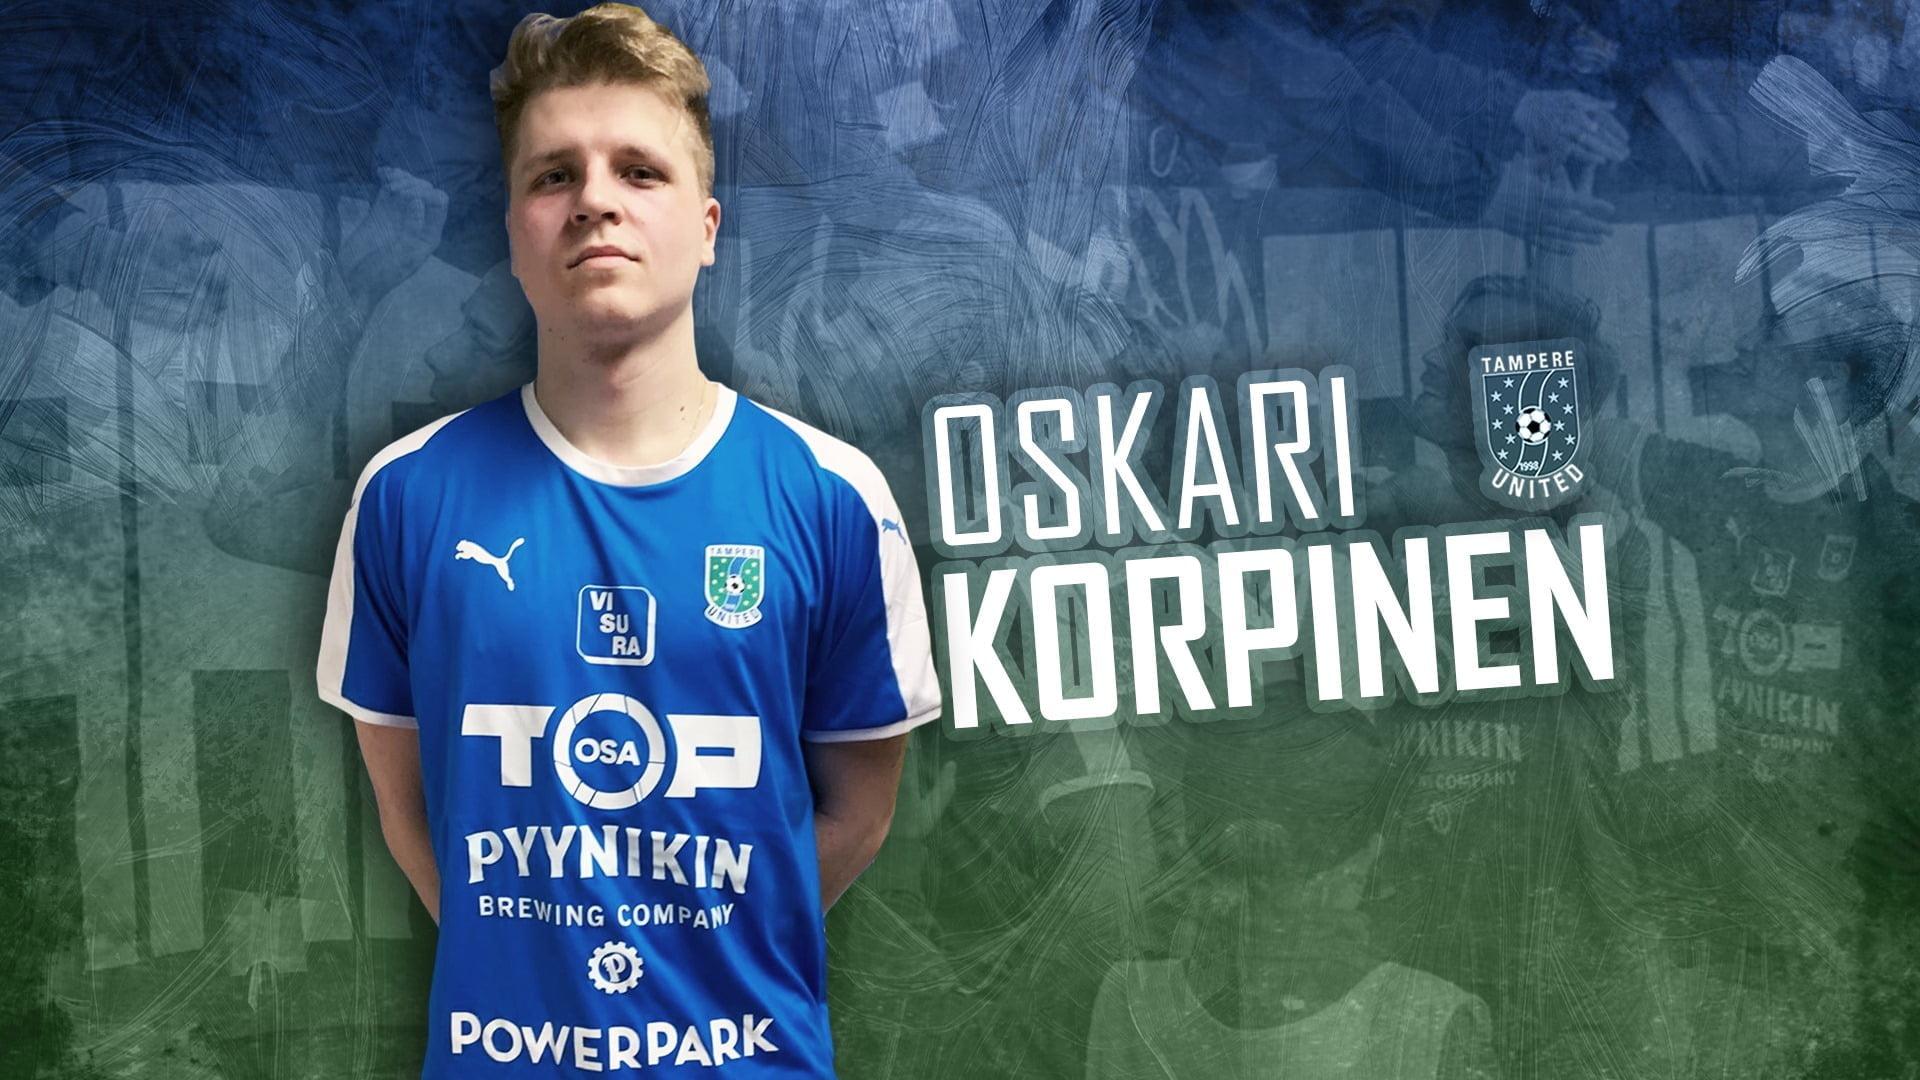 Oskari Korpinen täydentää Tampere Unitedin hyökkäysosastoa -uutiskuva